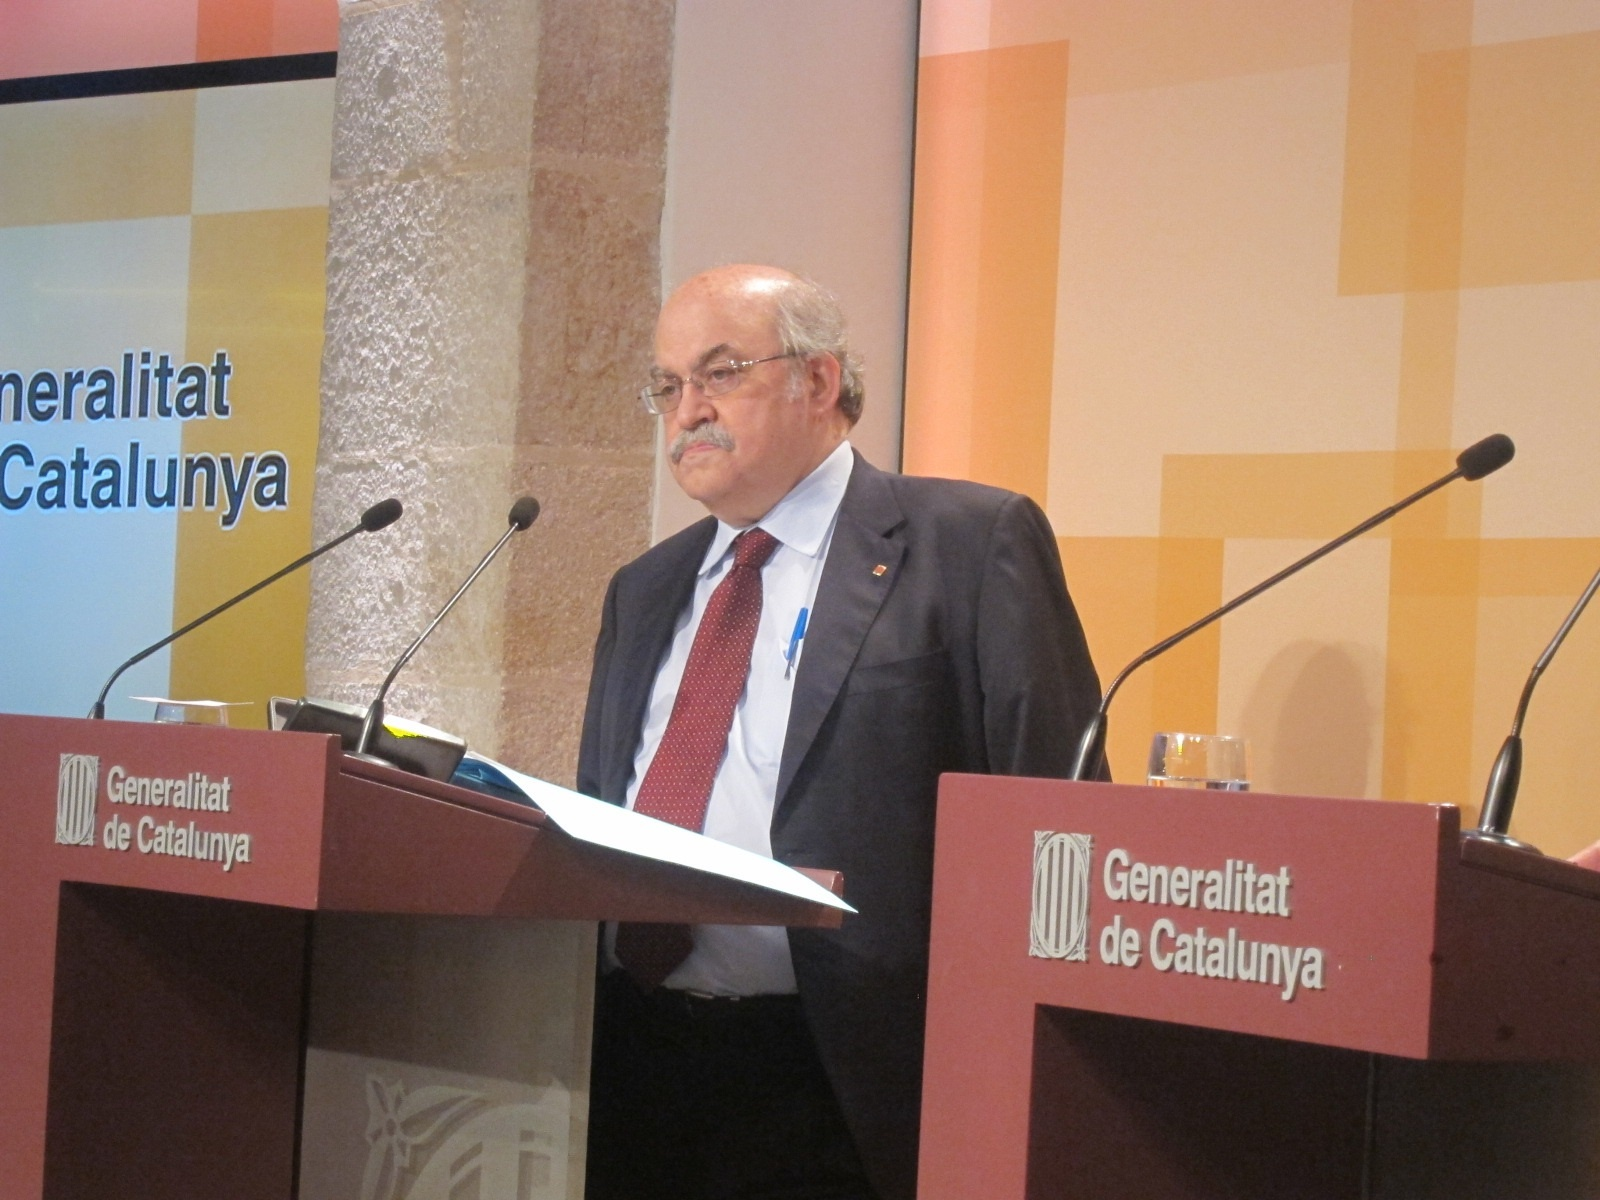 El Gobierno catalán reclama al Estado una compensación en 2014 por la suspensión del impuesto bancario